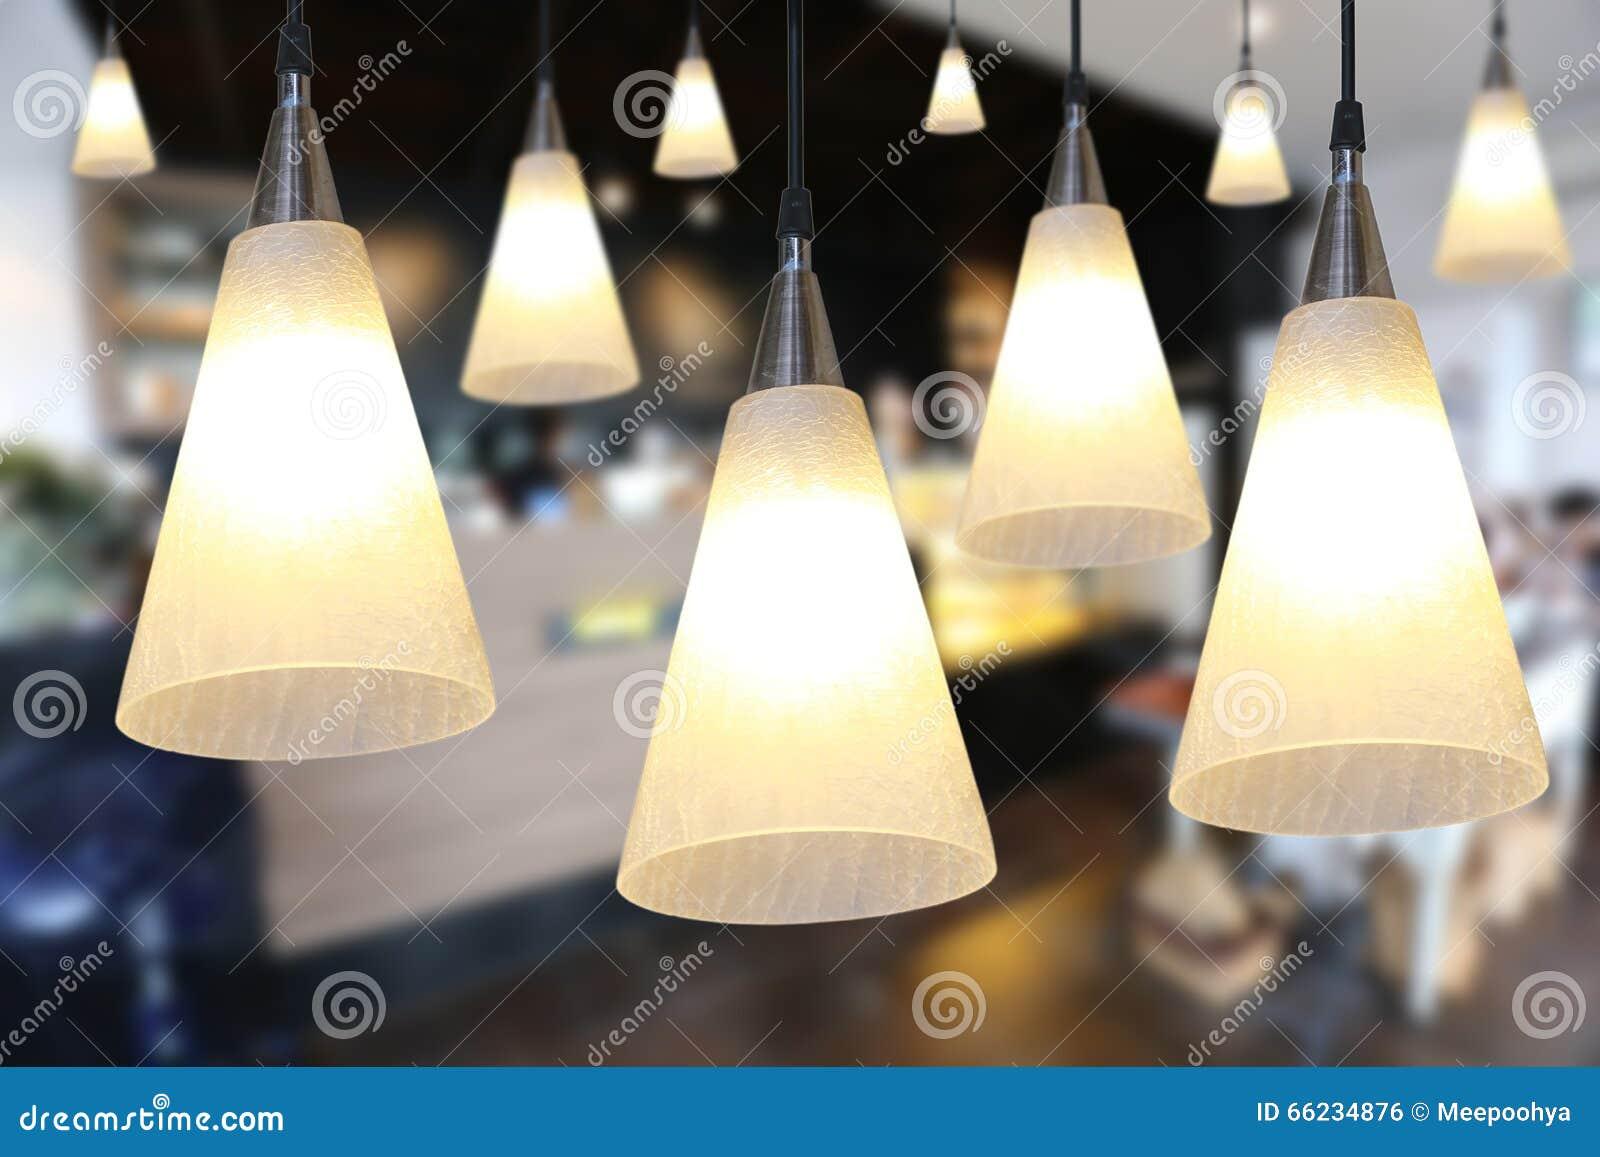 Quanti faretti per illuminare una stanza : Tiarch.com lampade arabe idee